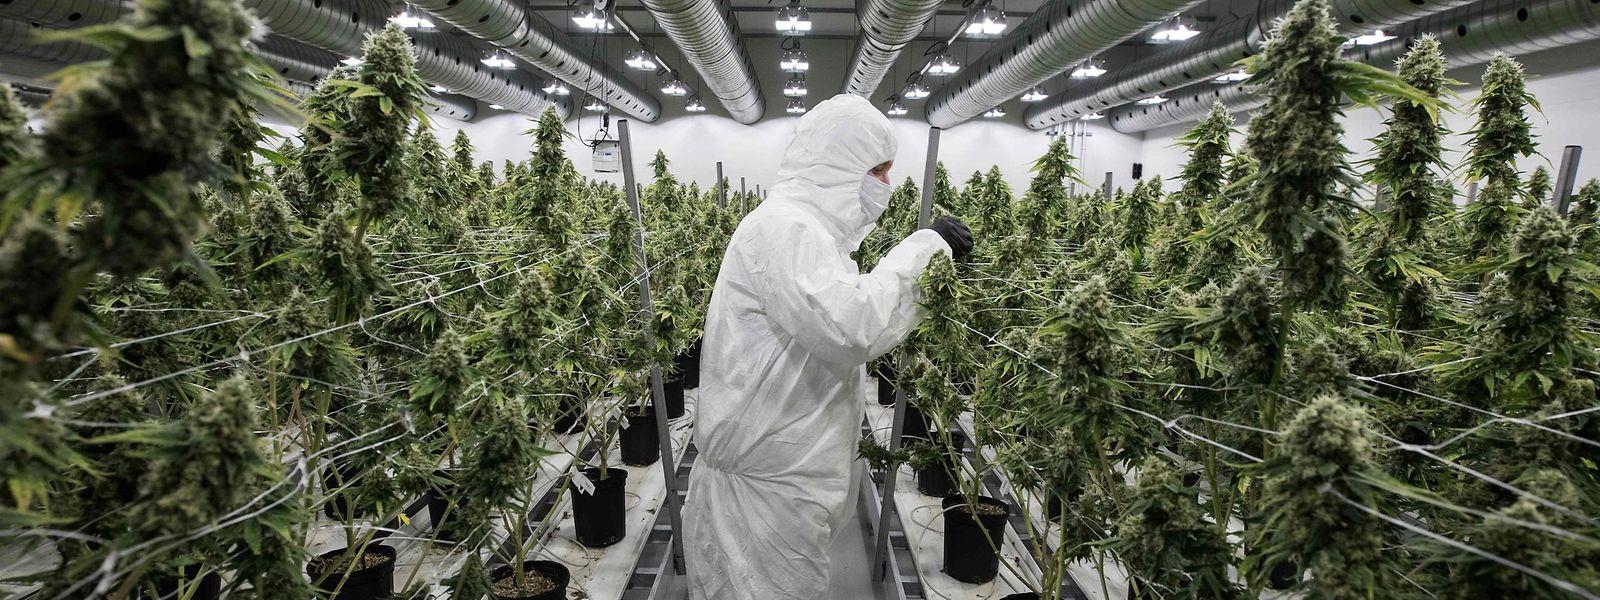 Die Legalisierung soll helfen, den illegalen Rauschgifthandel zu reduzieren.